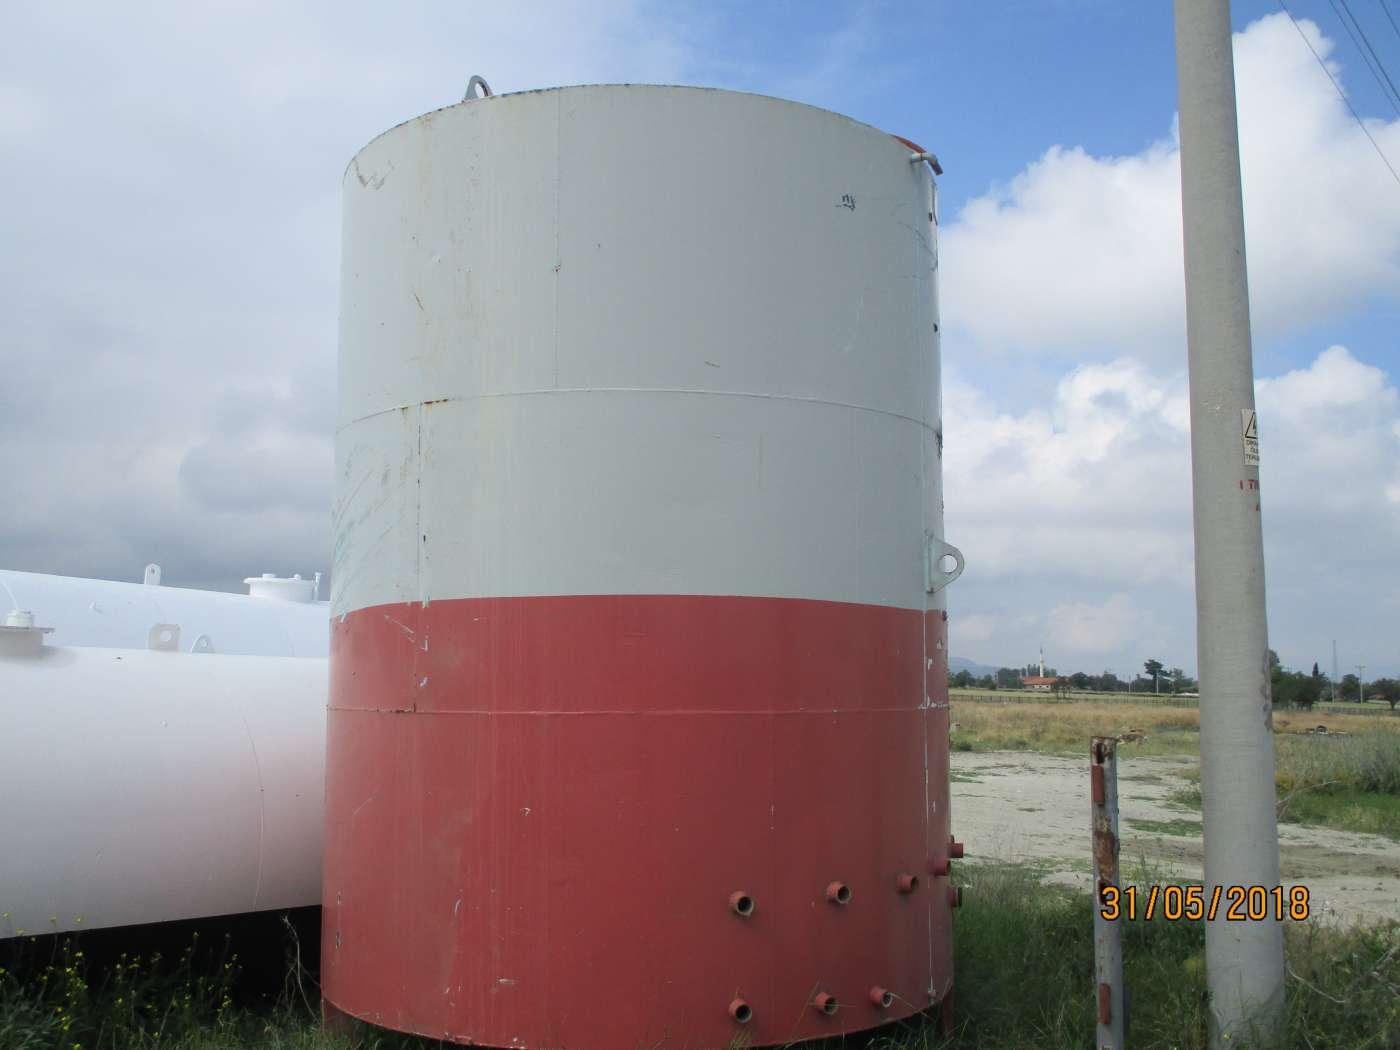 yilmaz tanker